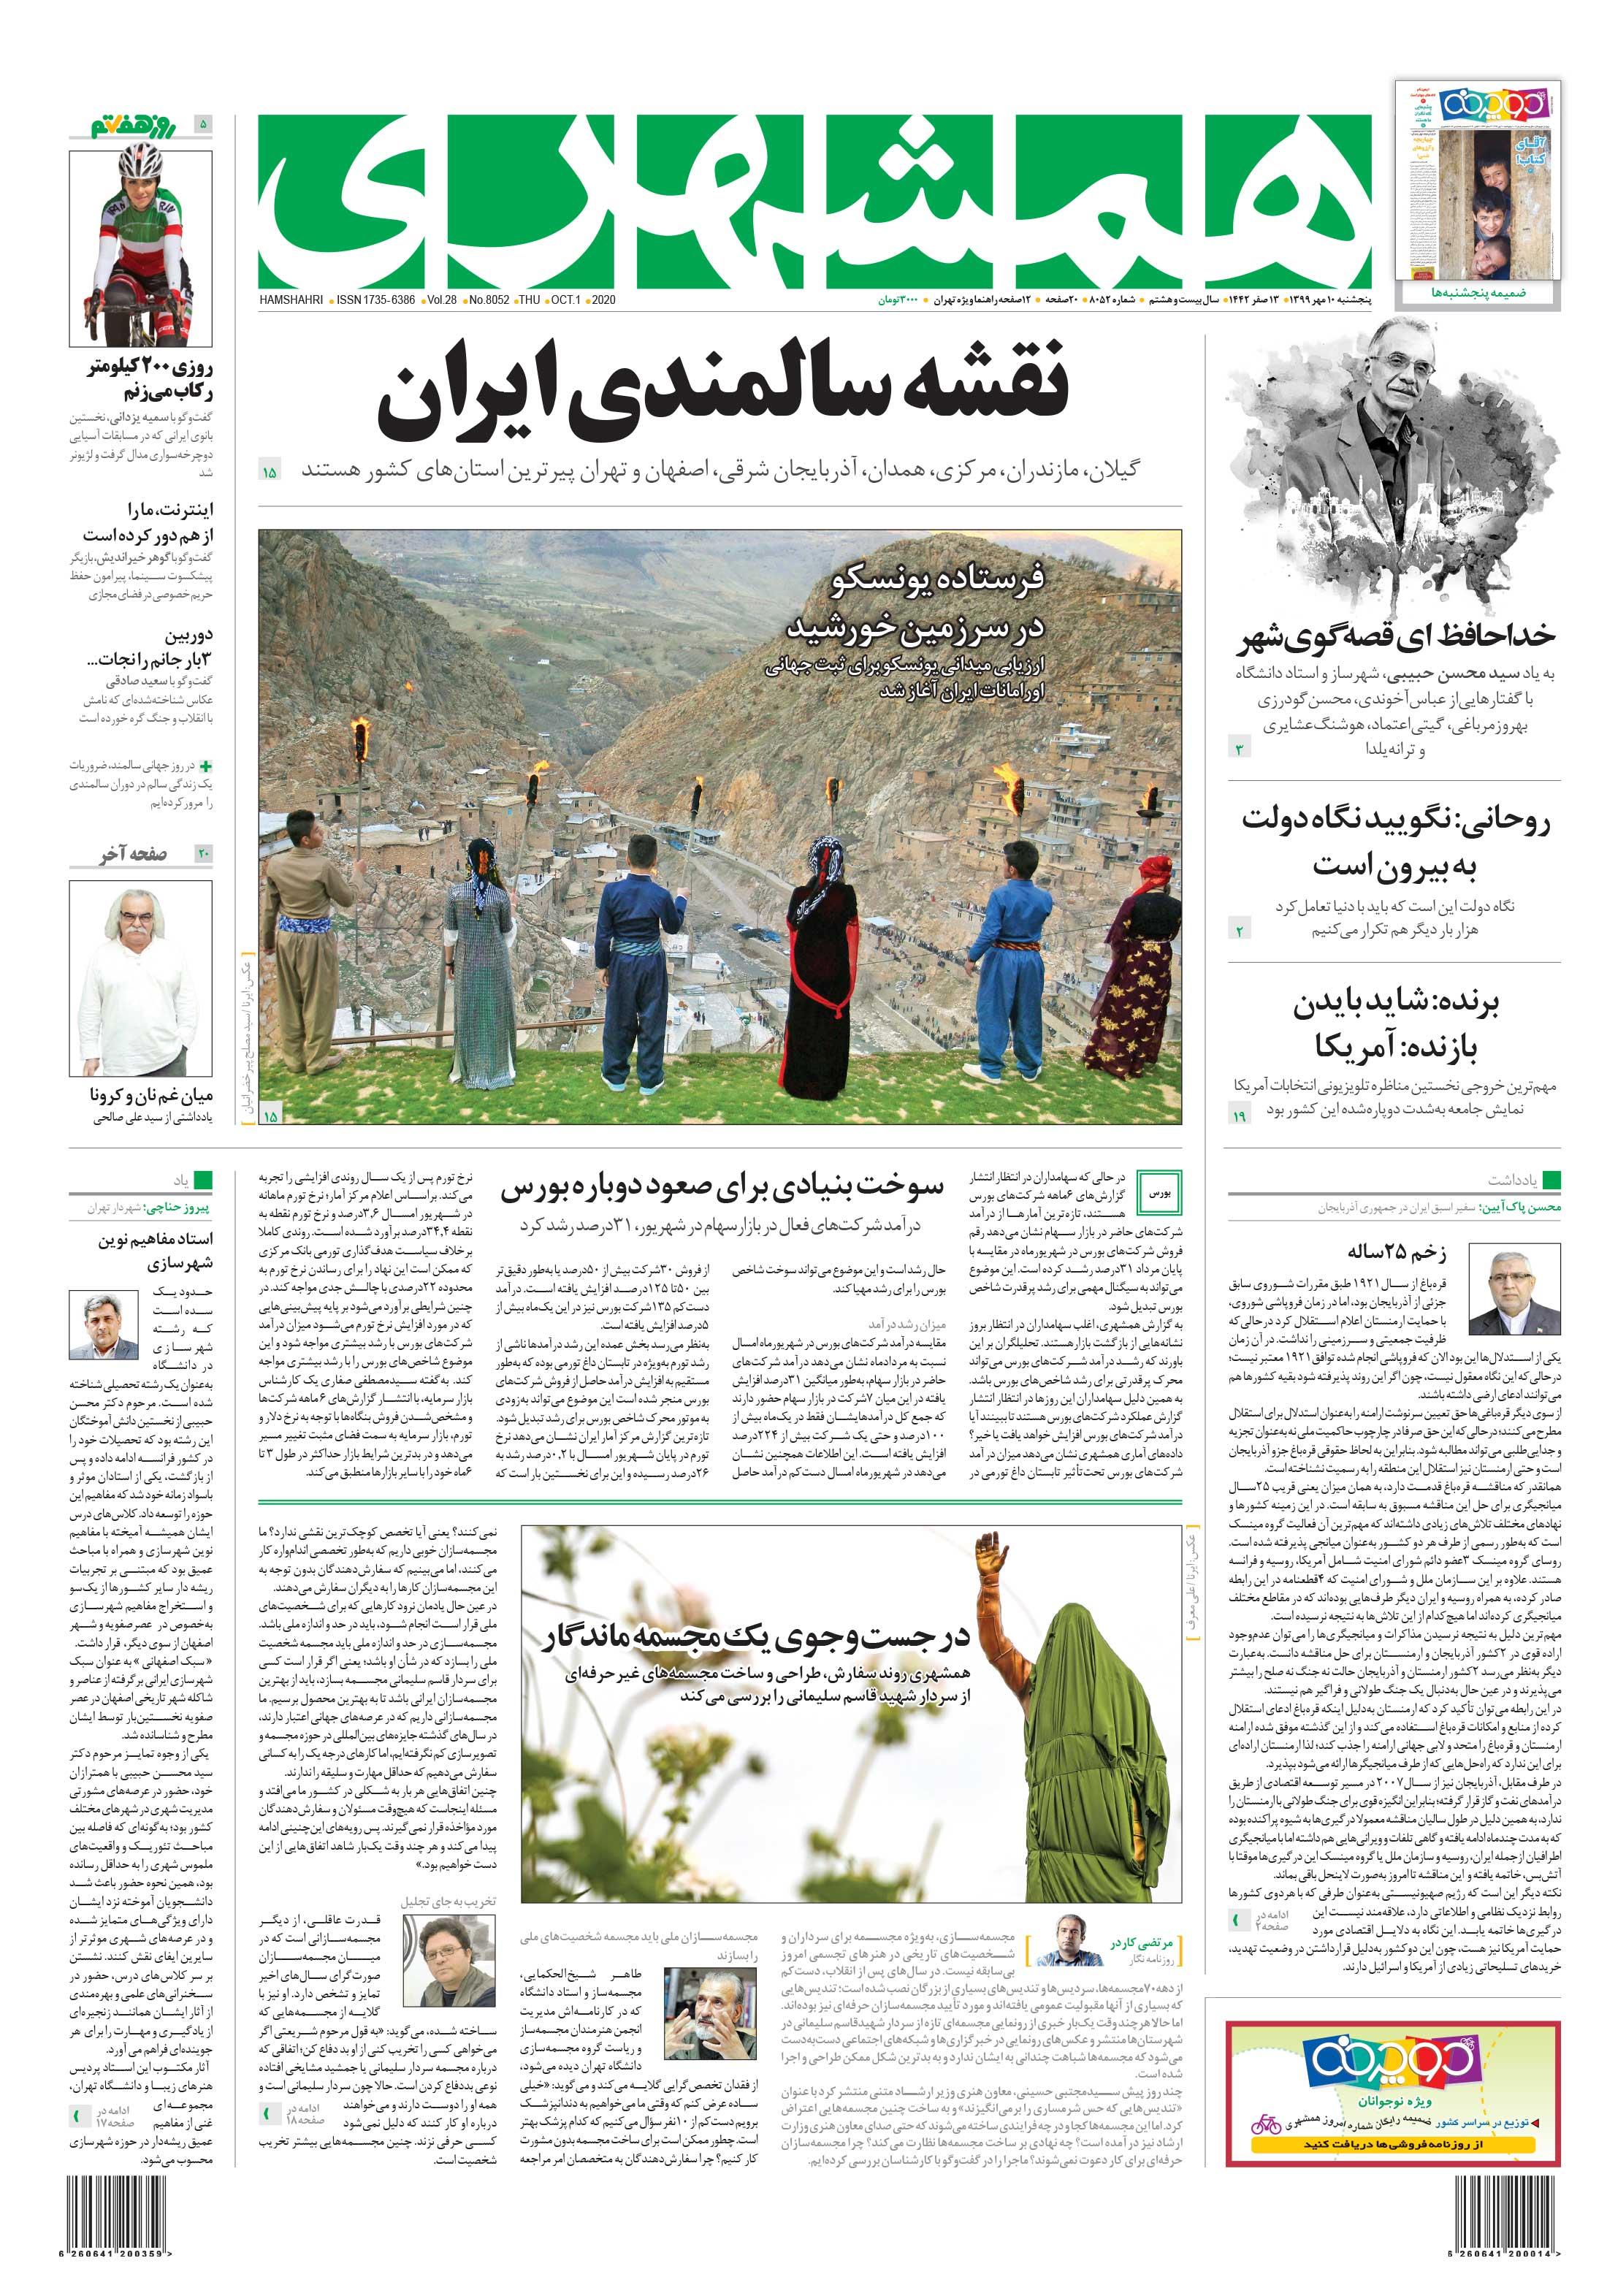 صفحه اول پنجشنبه 10 مهر 1399